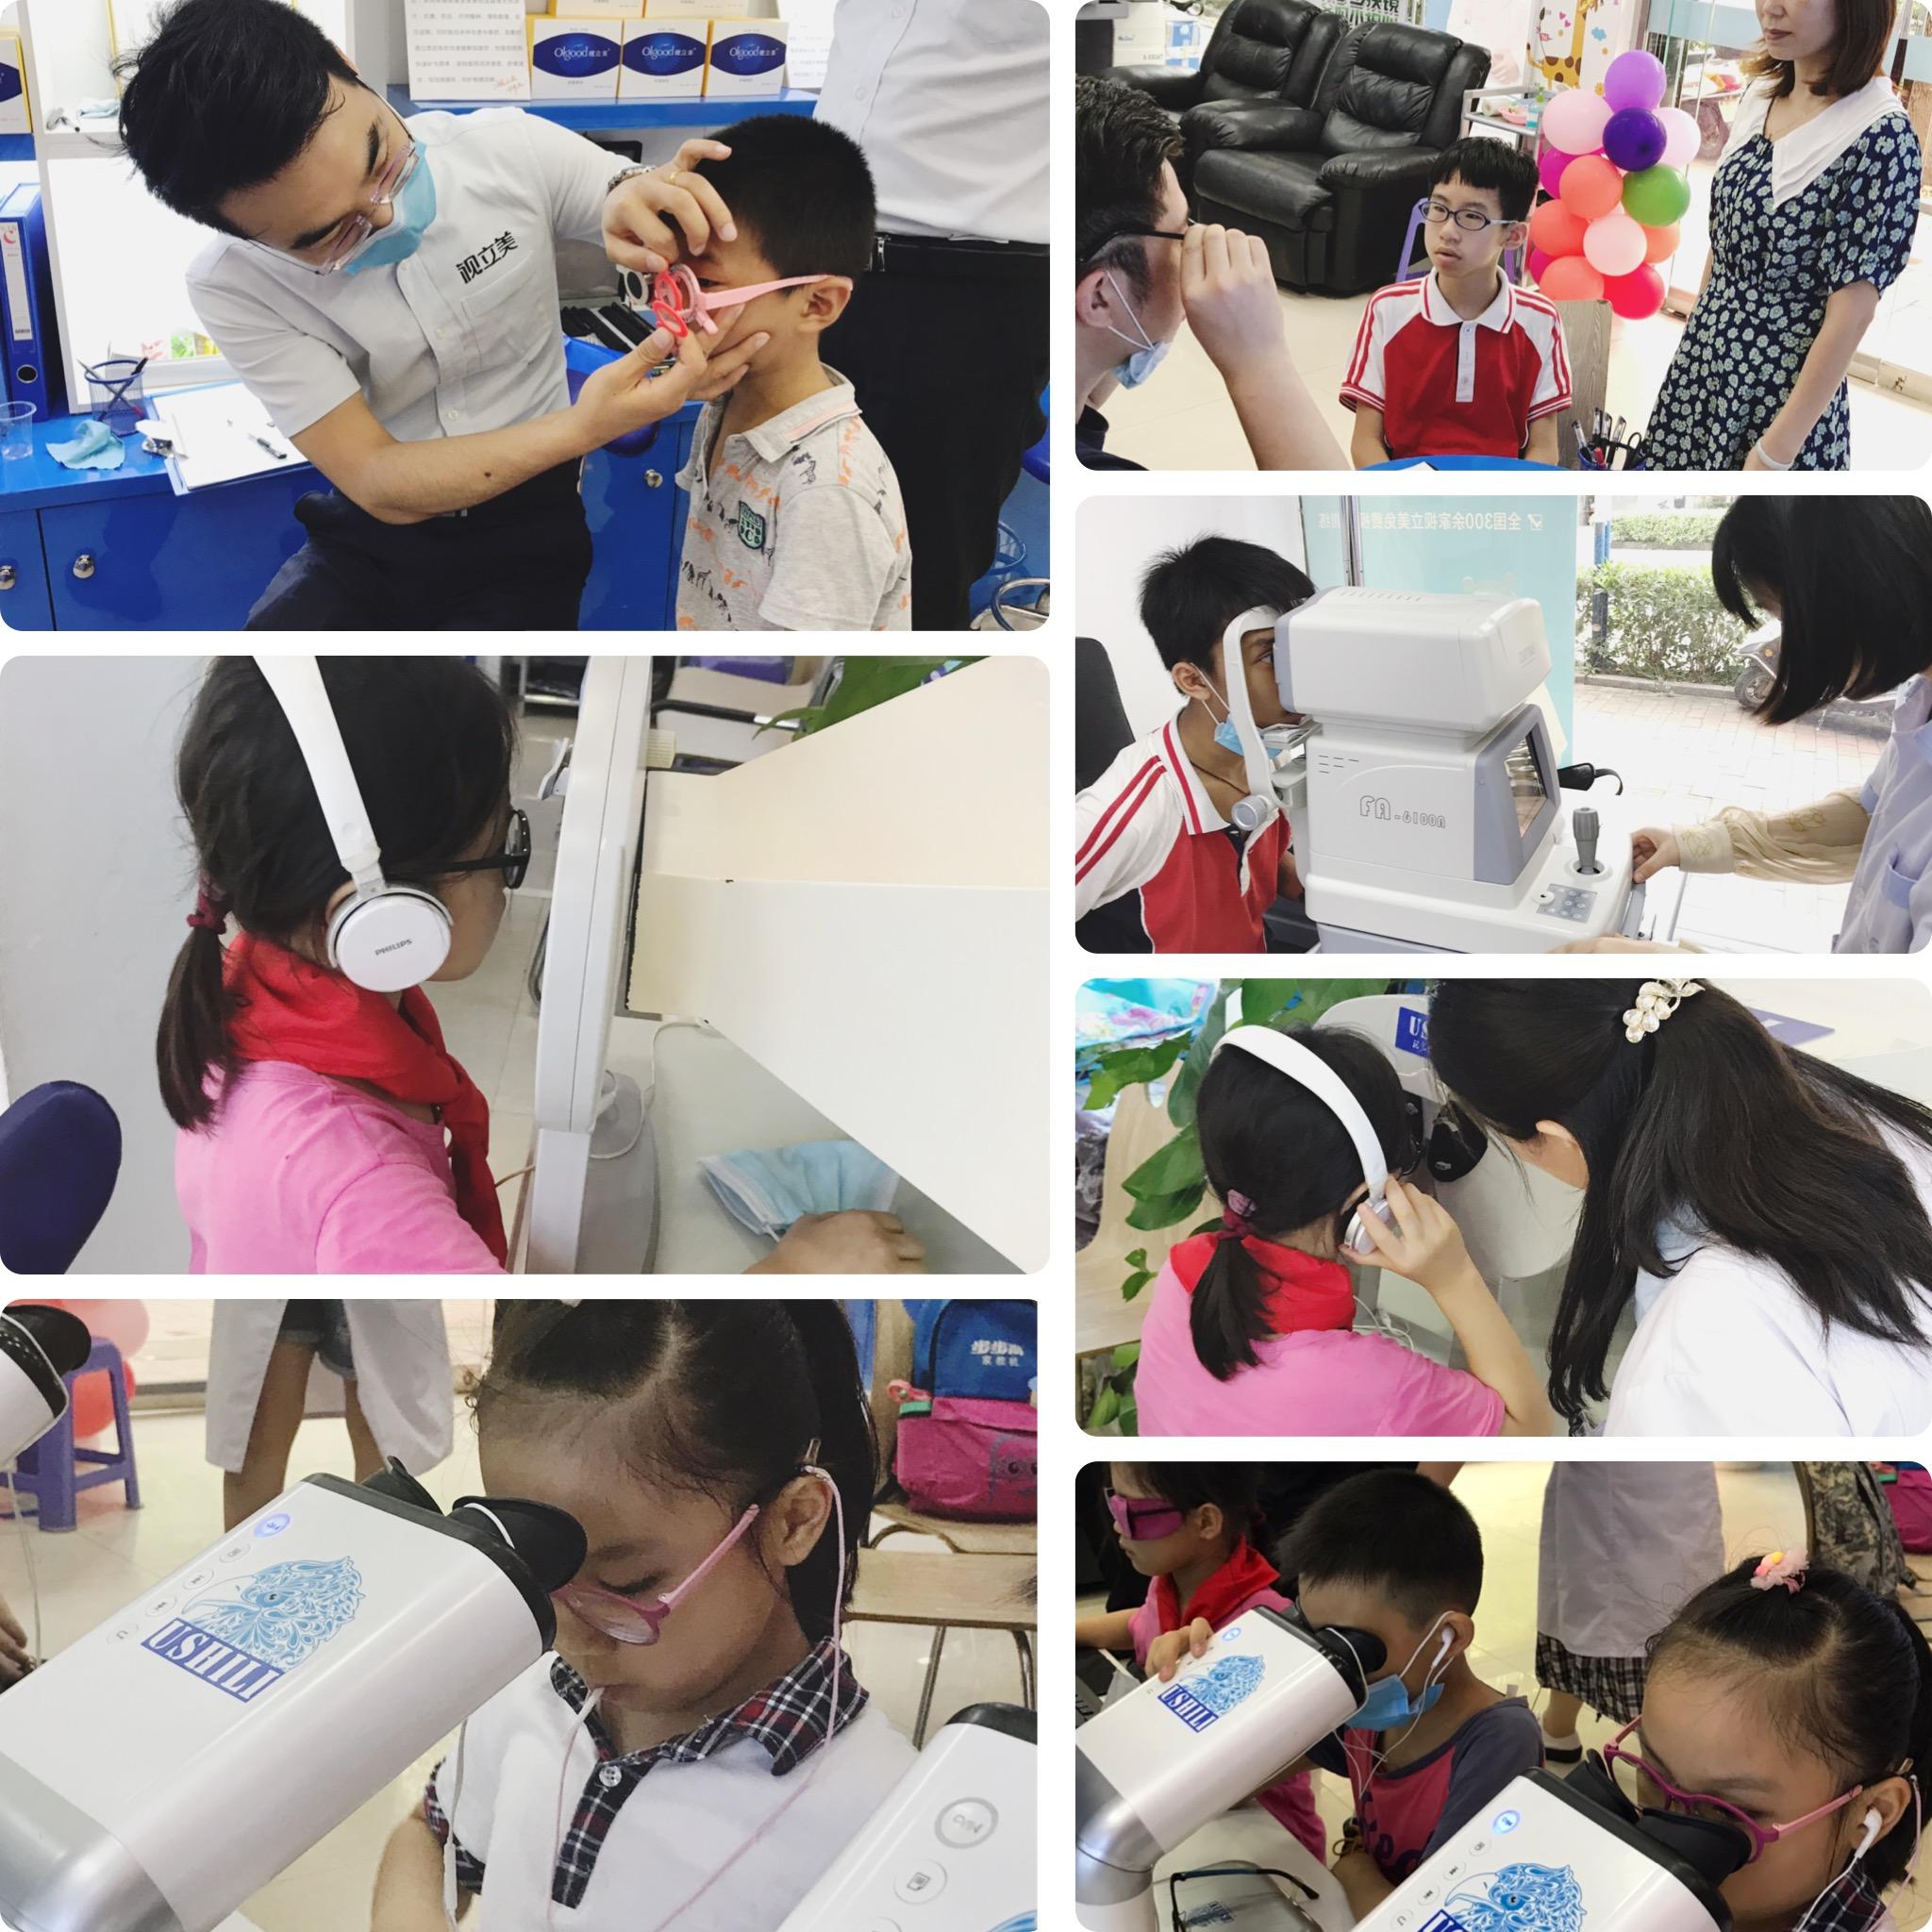 儿童视力加盟选择像视立美一样的企业更有利于发展